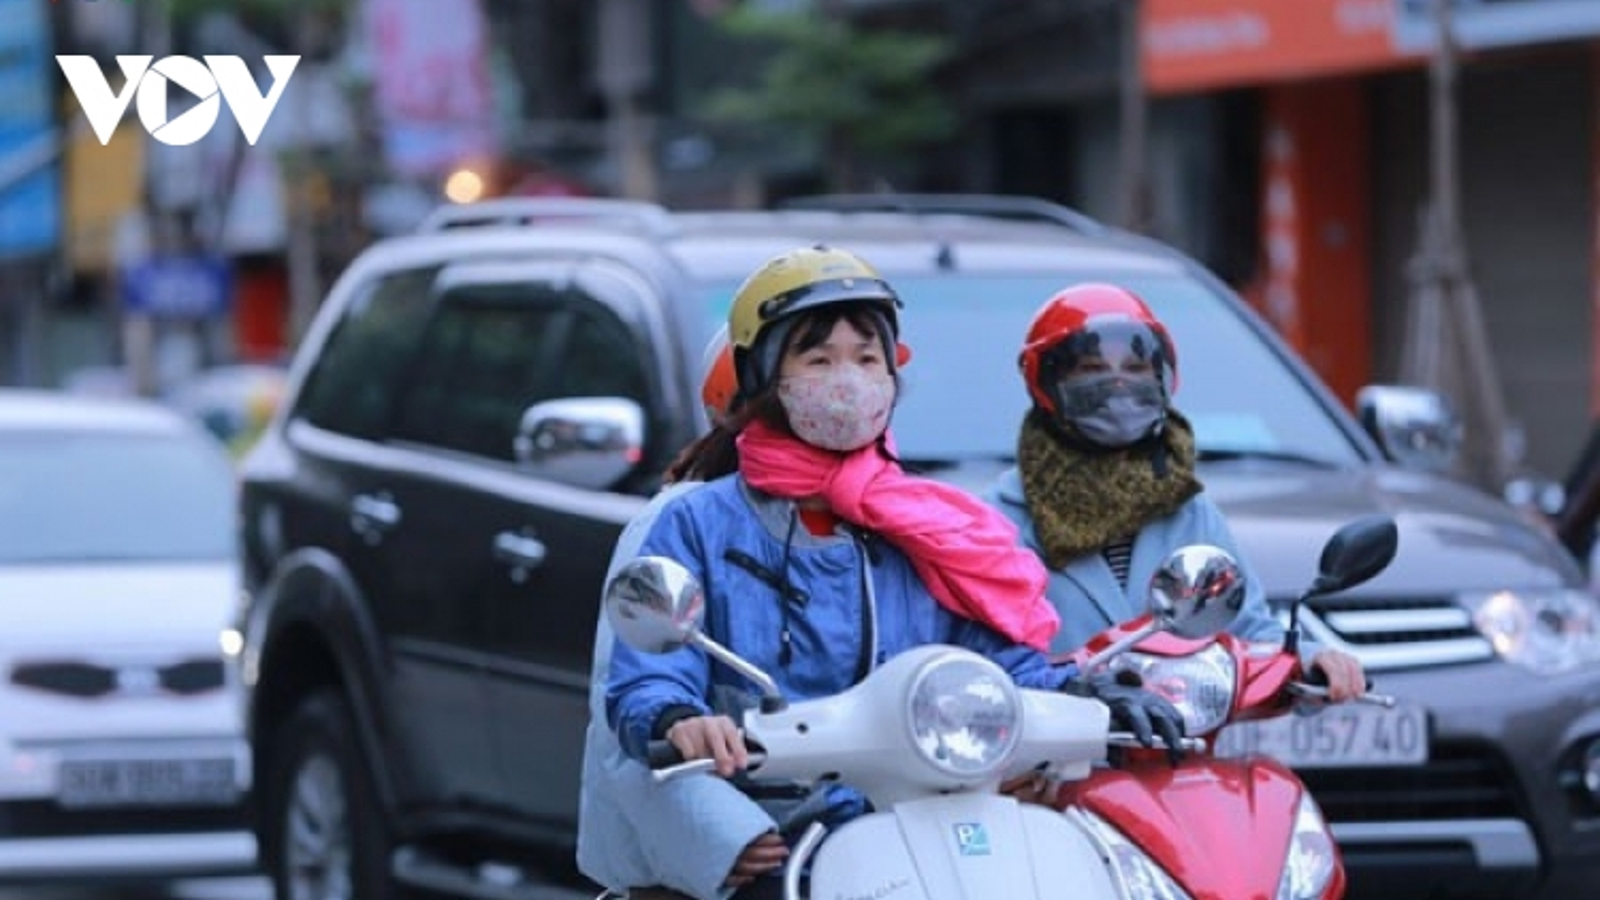 Thời tiết ngày 28/1: Không khí lạnh tăng cường, Bắc Bộ trời chuyển rét